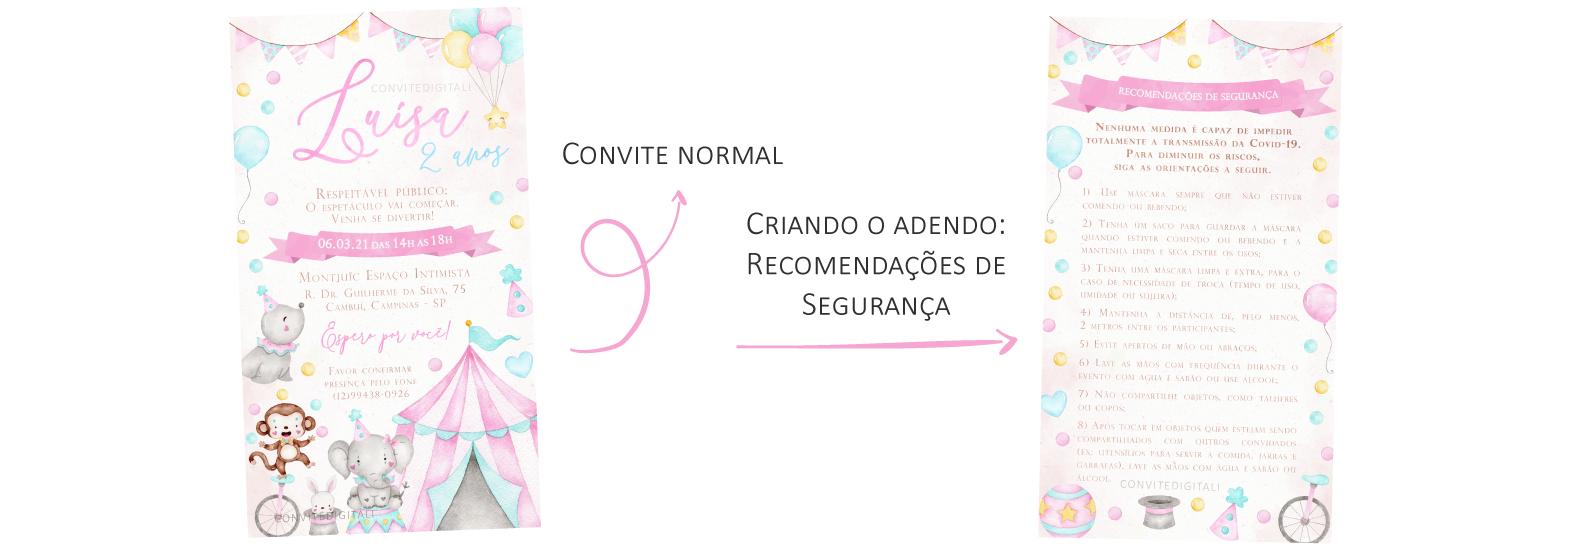 convite-digital-adendo-recomendacoes-avisos-covid-pandemia-festa-